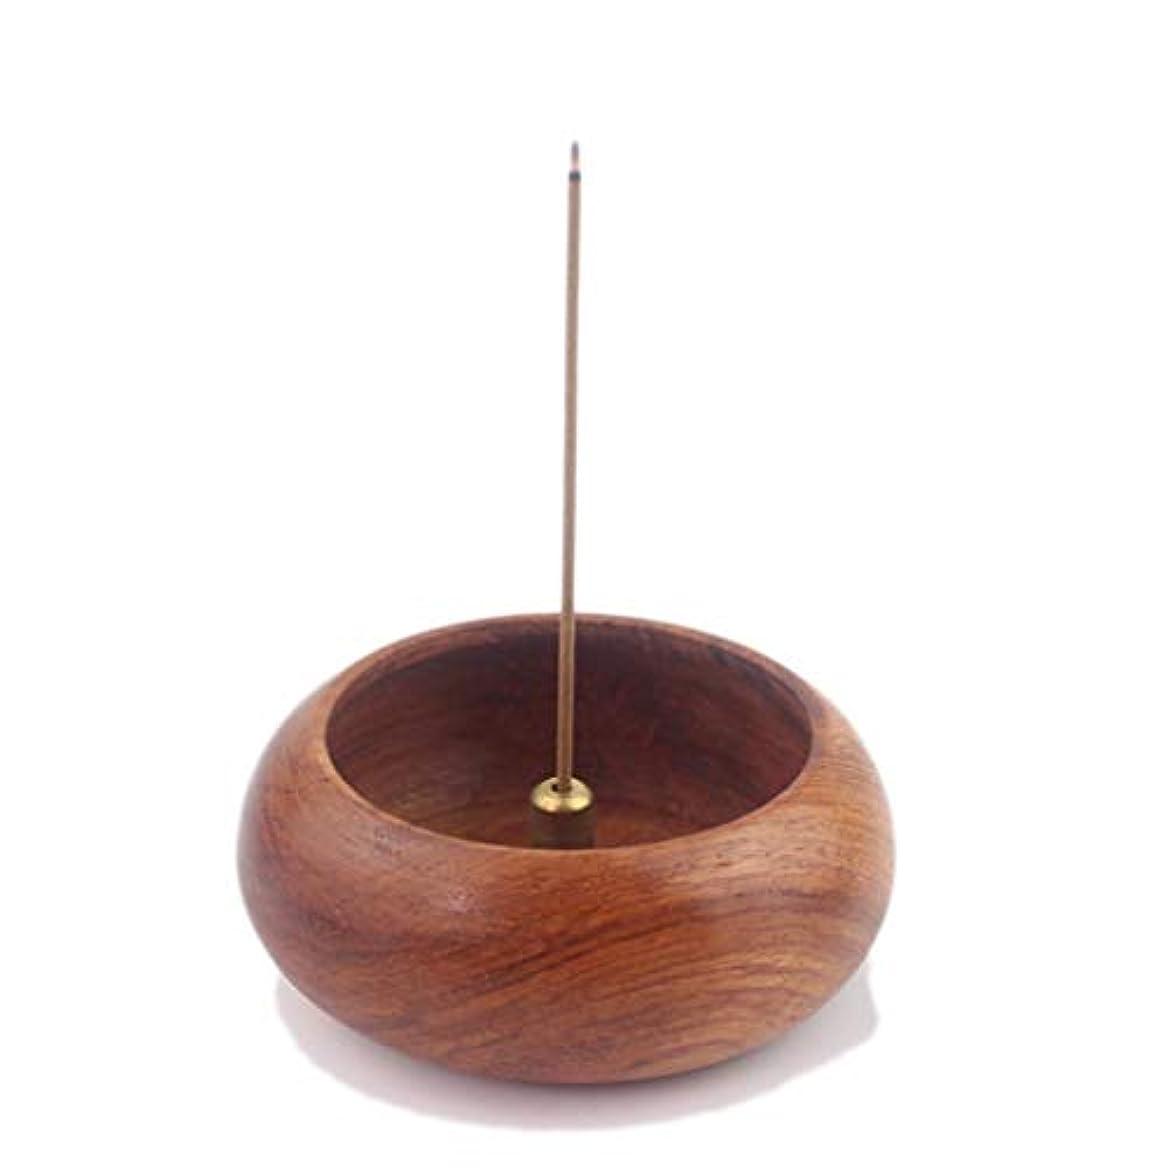 租界を必要としています小さいローズウッドボウル型香炉ホルダーキャンドルアロマセラピー炉香ホルダーホームリビングルーム香バーナー装飾 (Color : Wood, サイズ : 6.2*2.4cm)